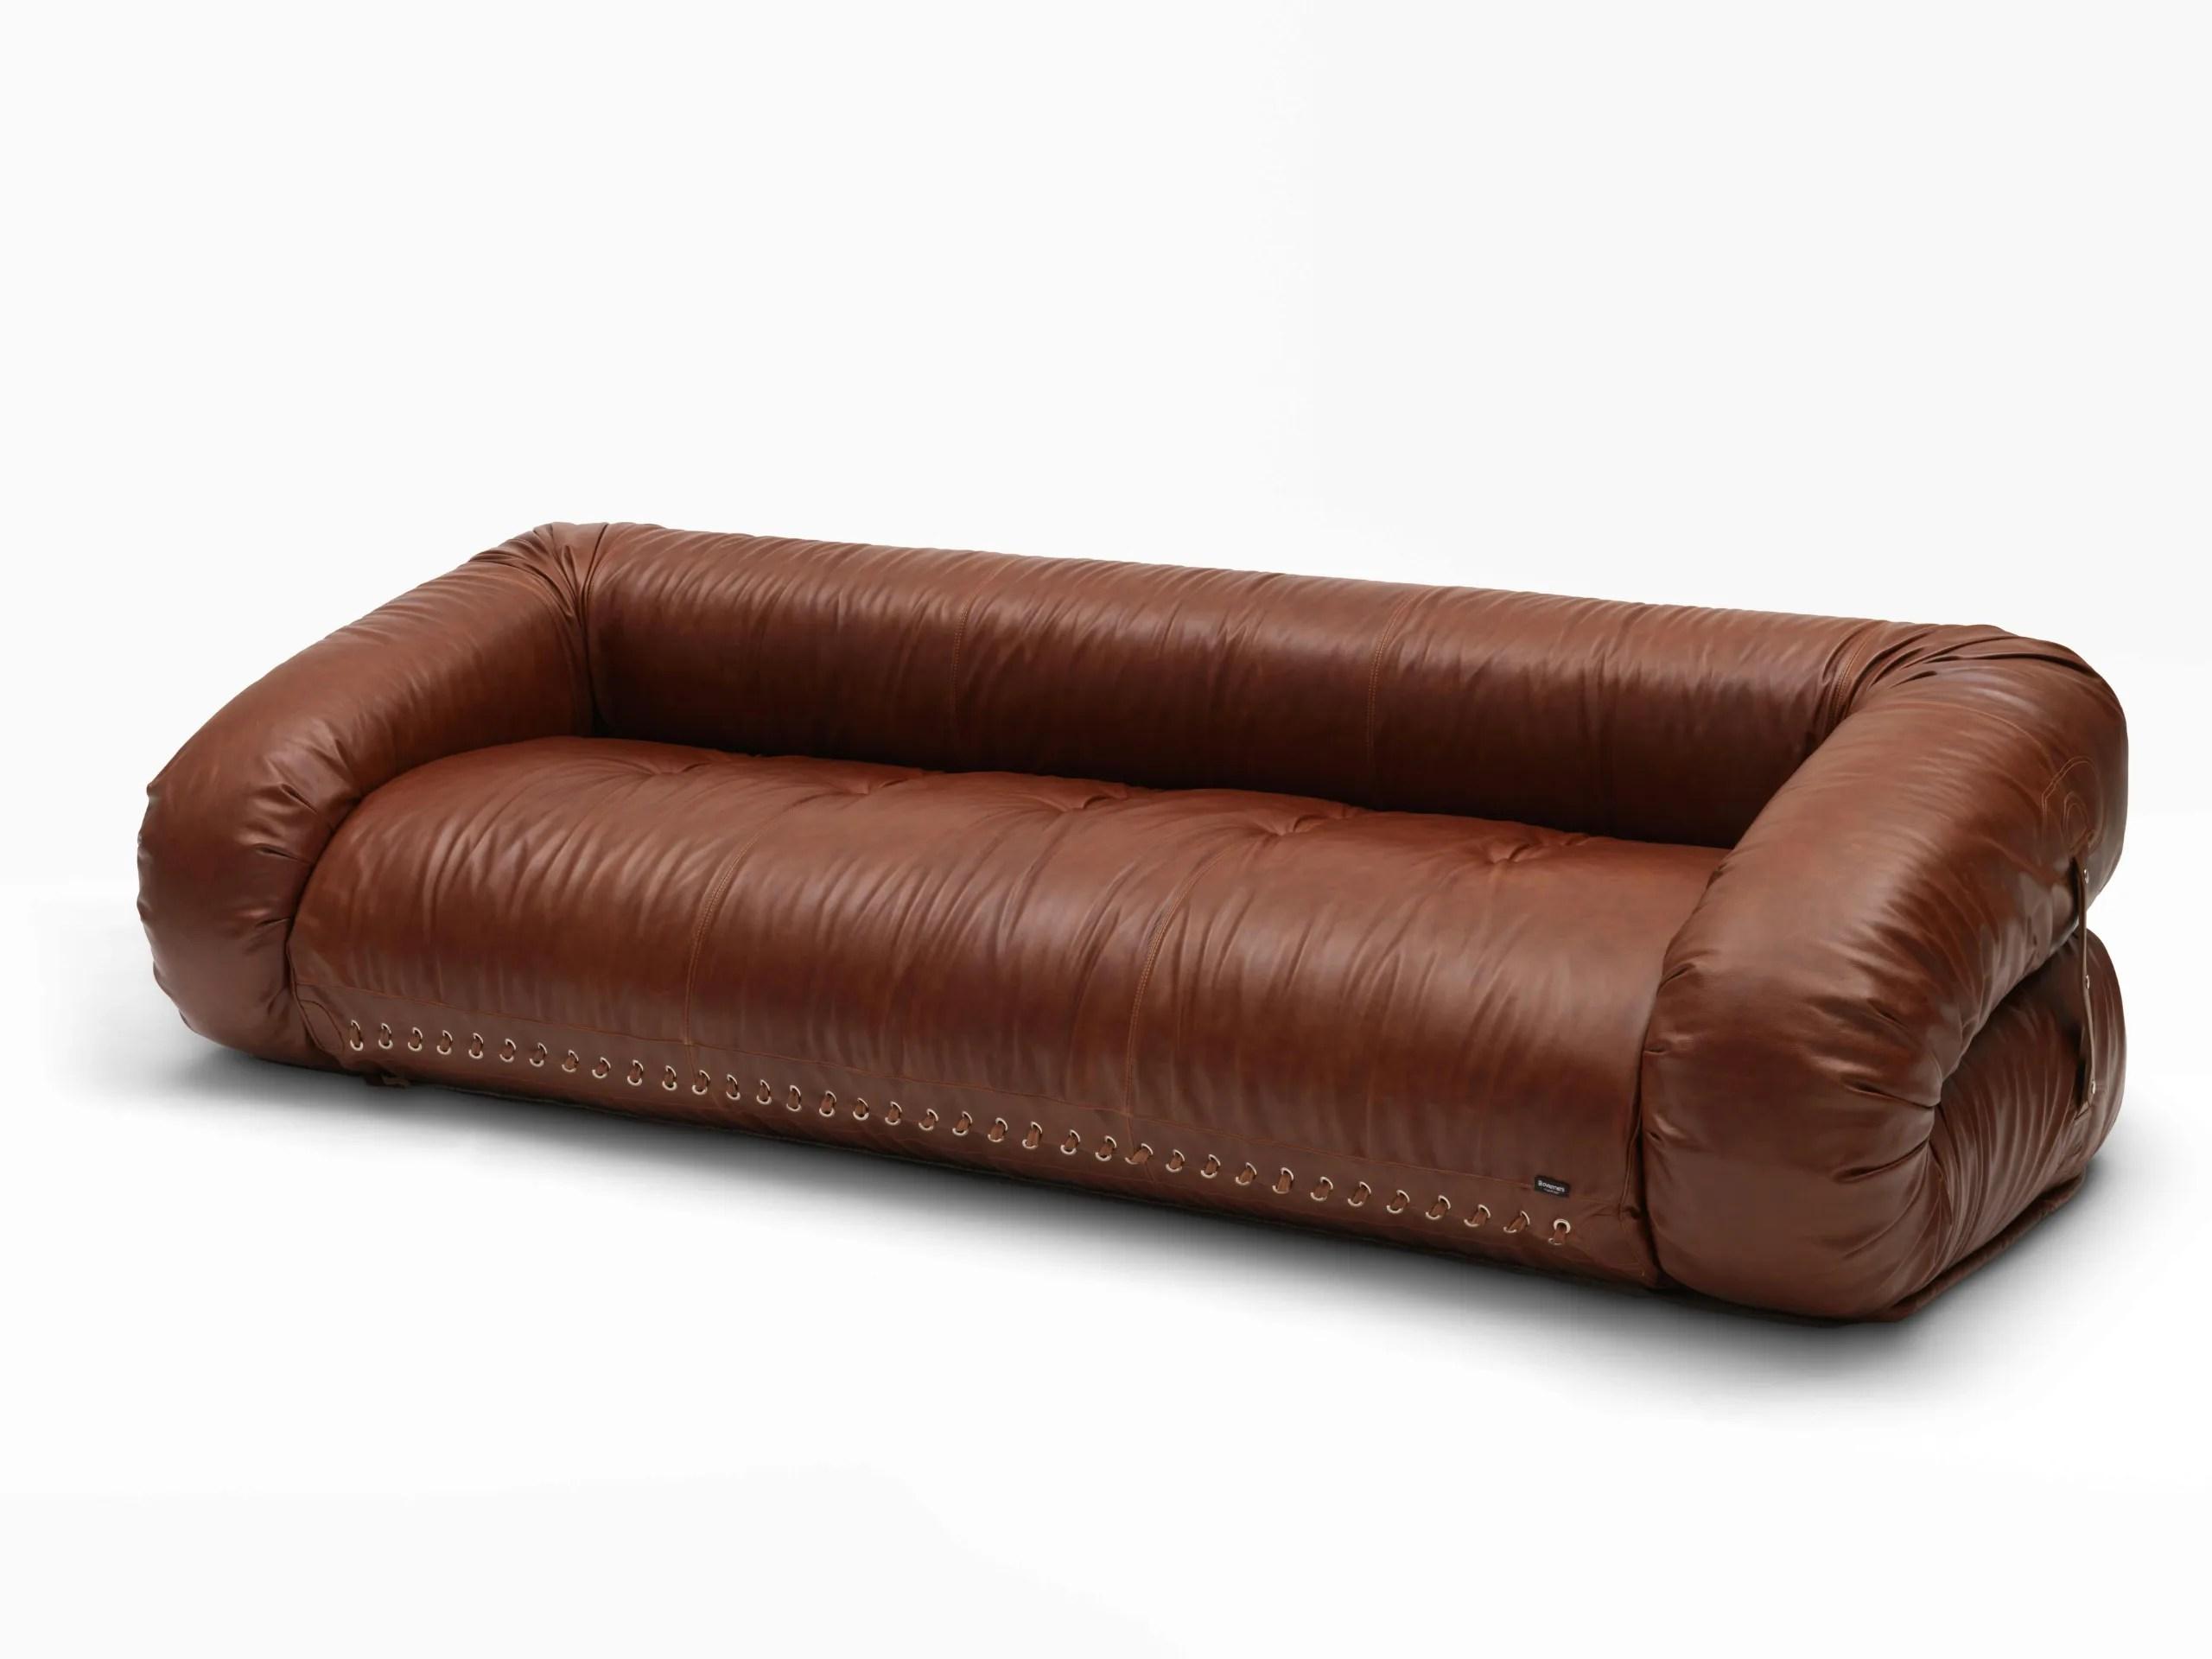 anfibio leather sofa bed for small e divano letto trasformabile by giovannetti